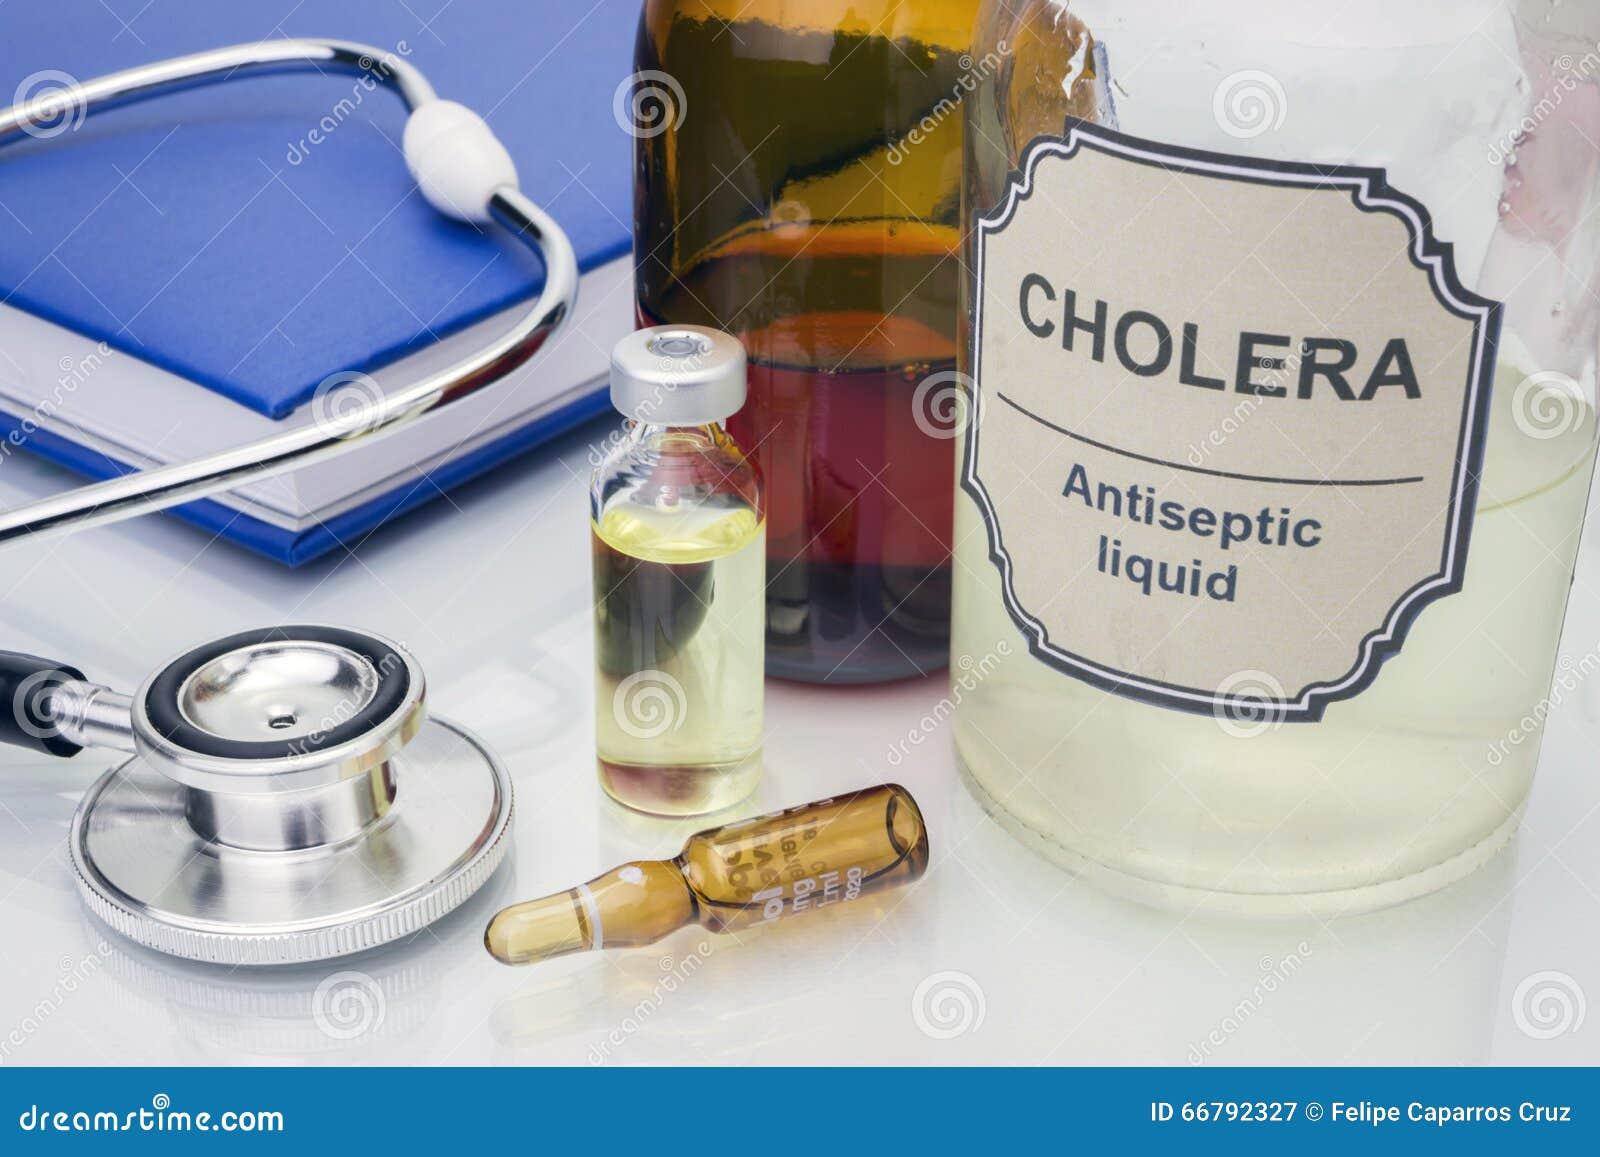 Muestra de cólera en laboratorio